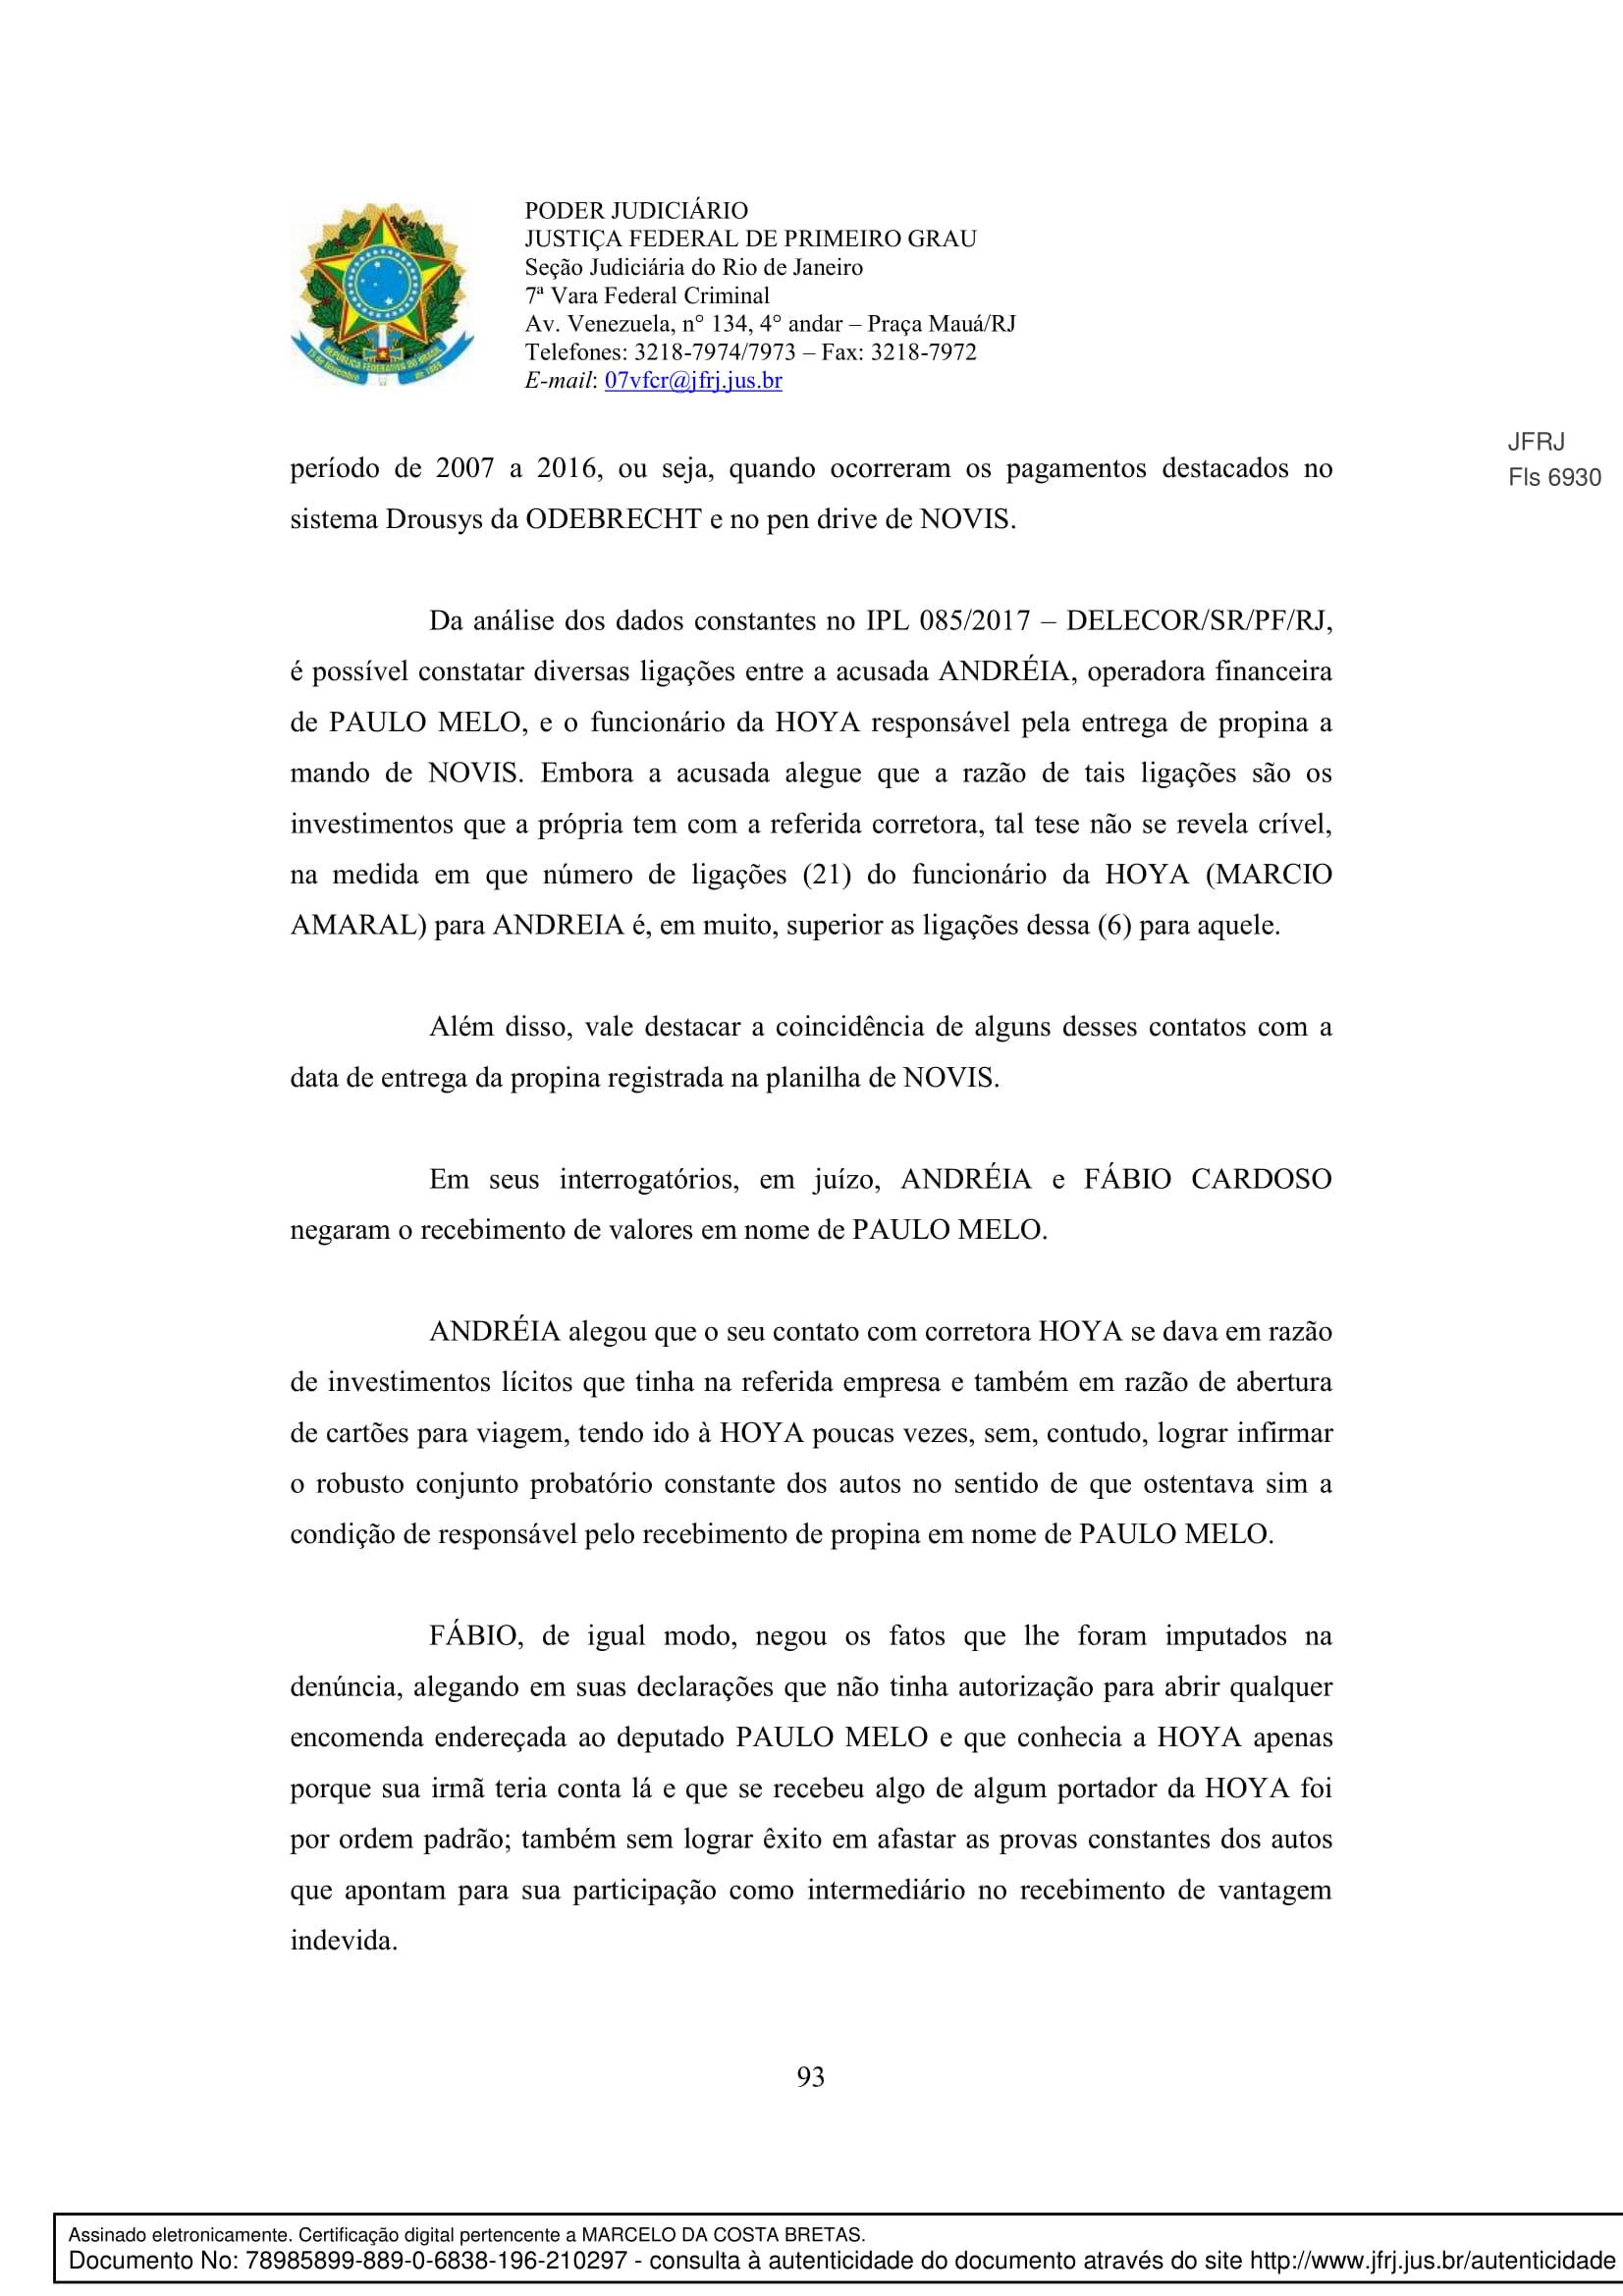 Sentenca-Cadeia-Velha-7VFC-093